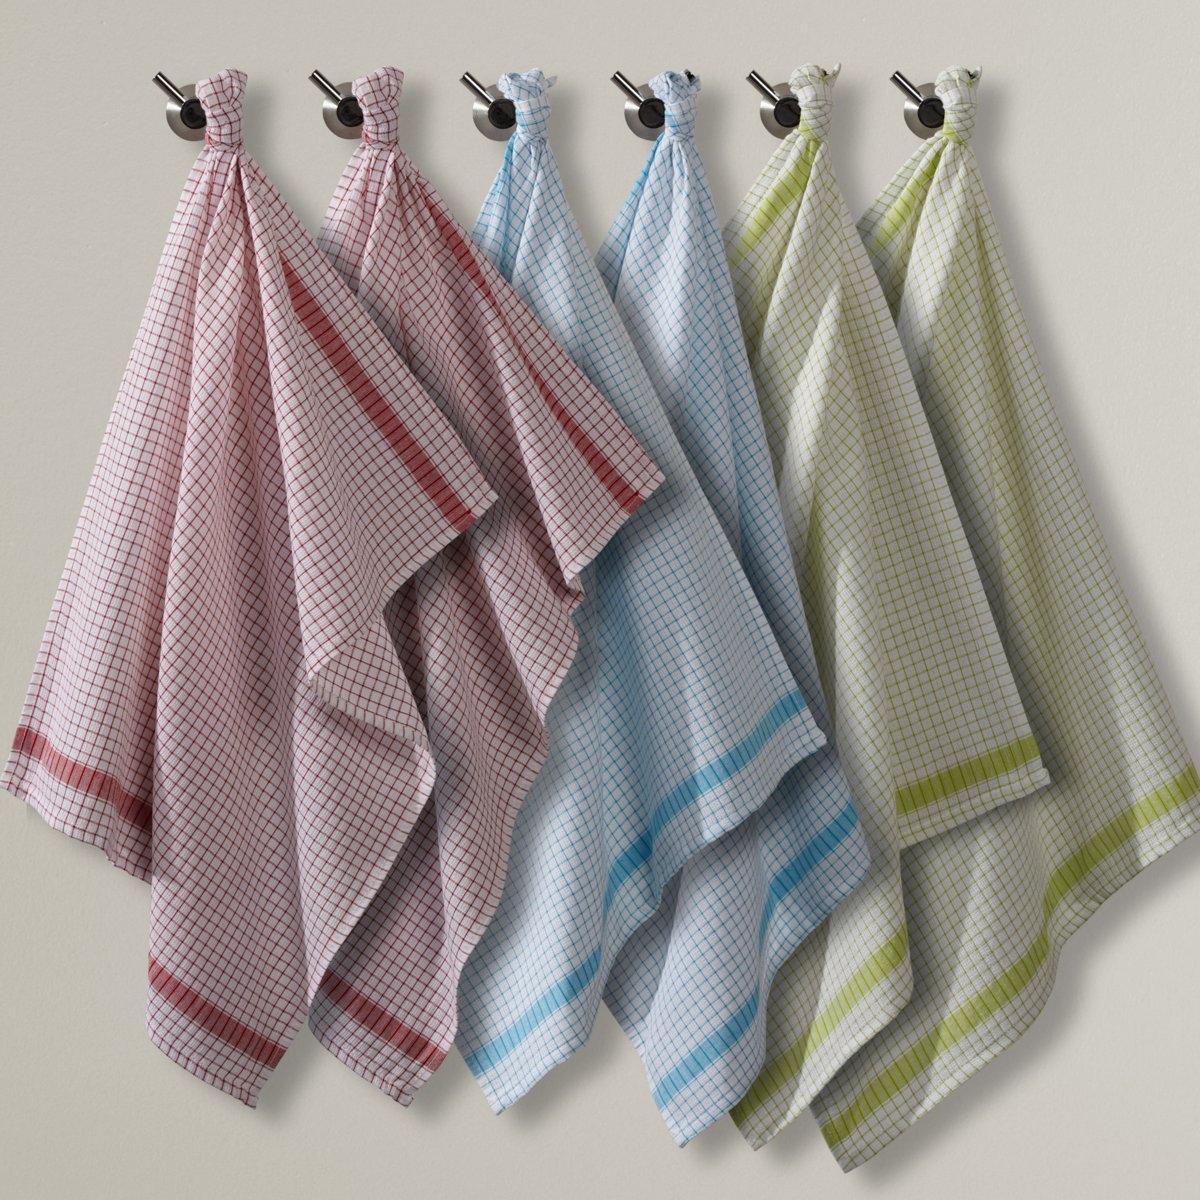 Комплект из 6 кухонных полотенец в клетку,  вафельной ткани, Essuie